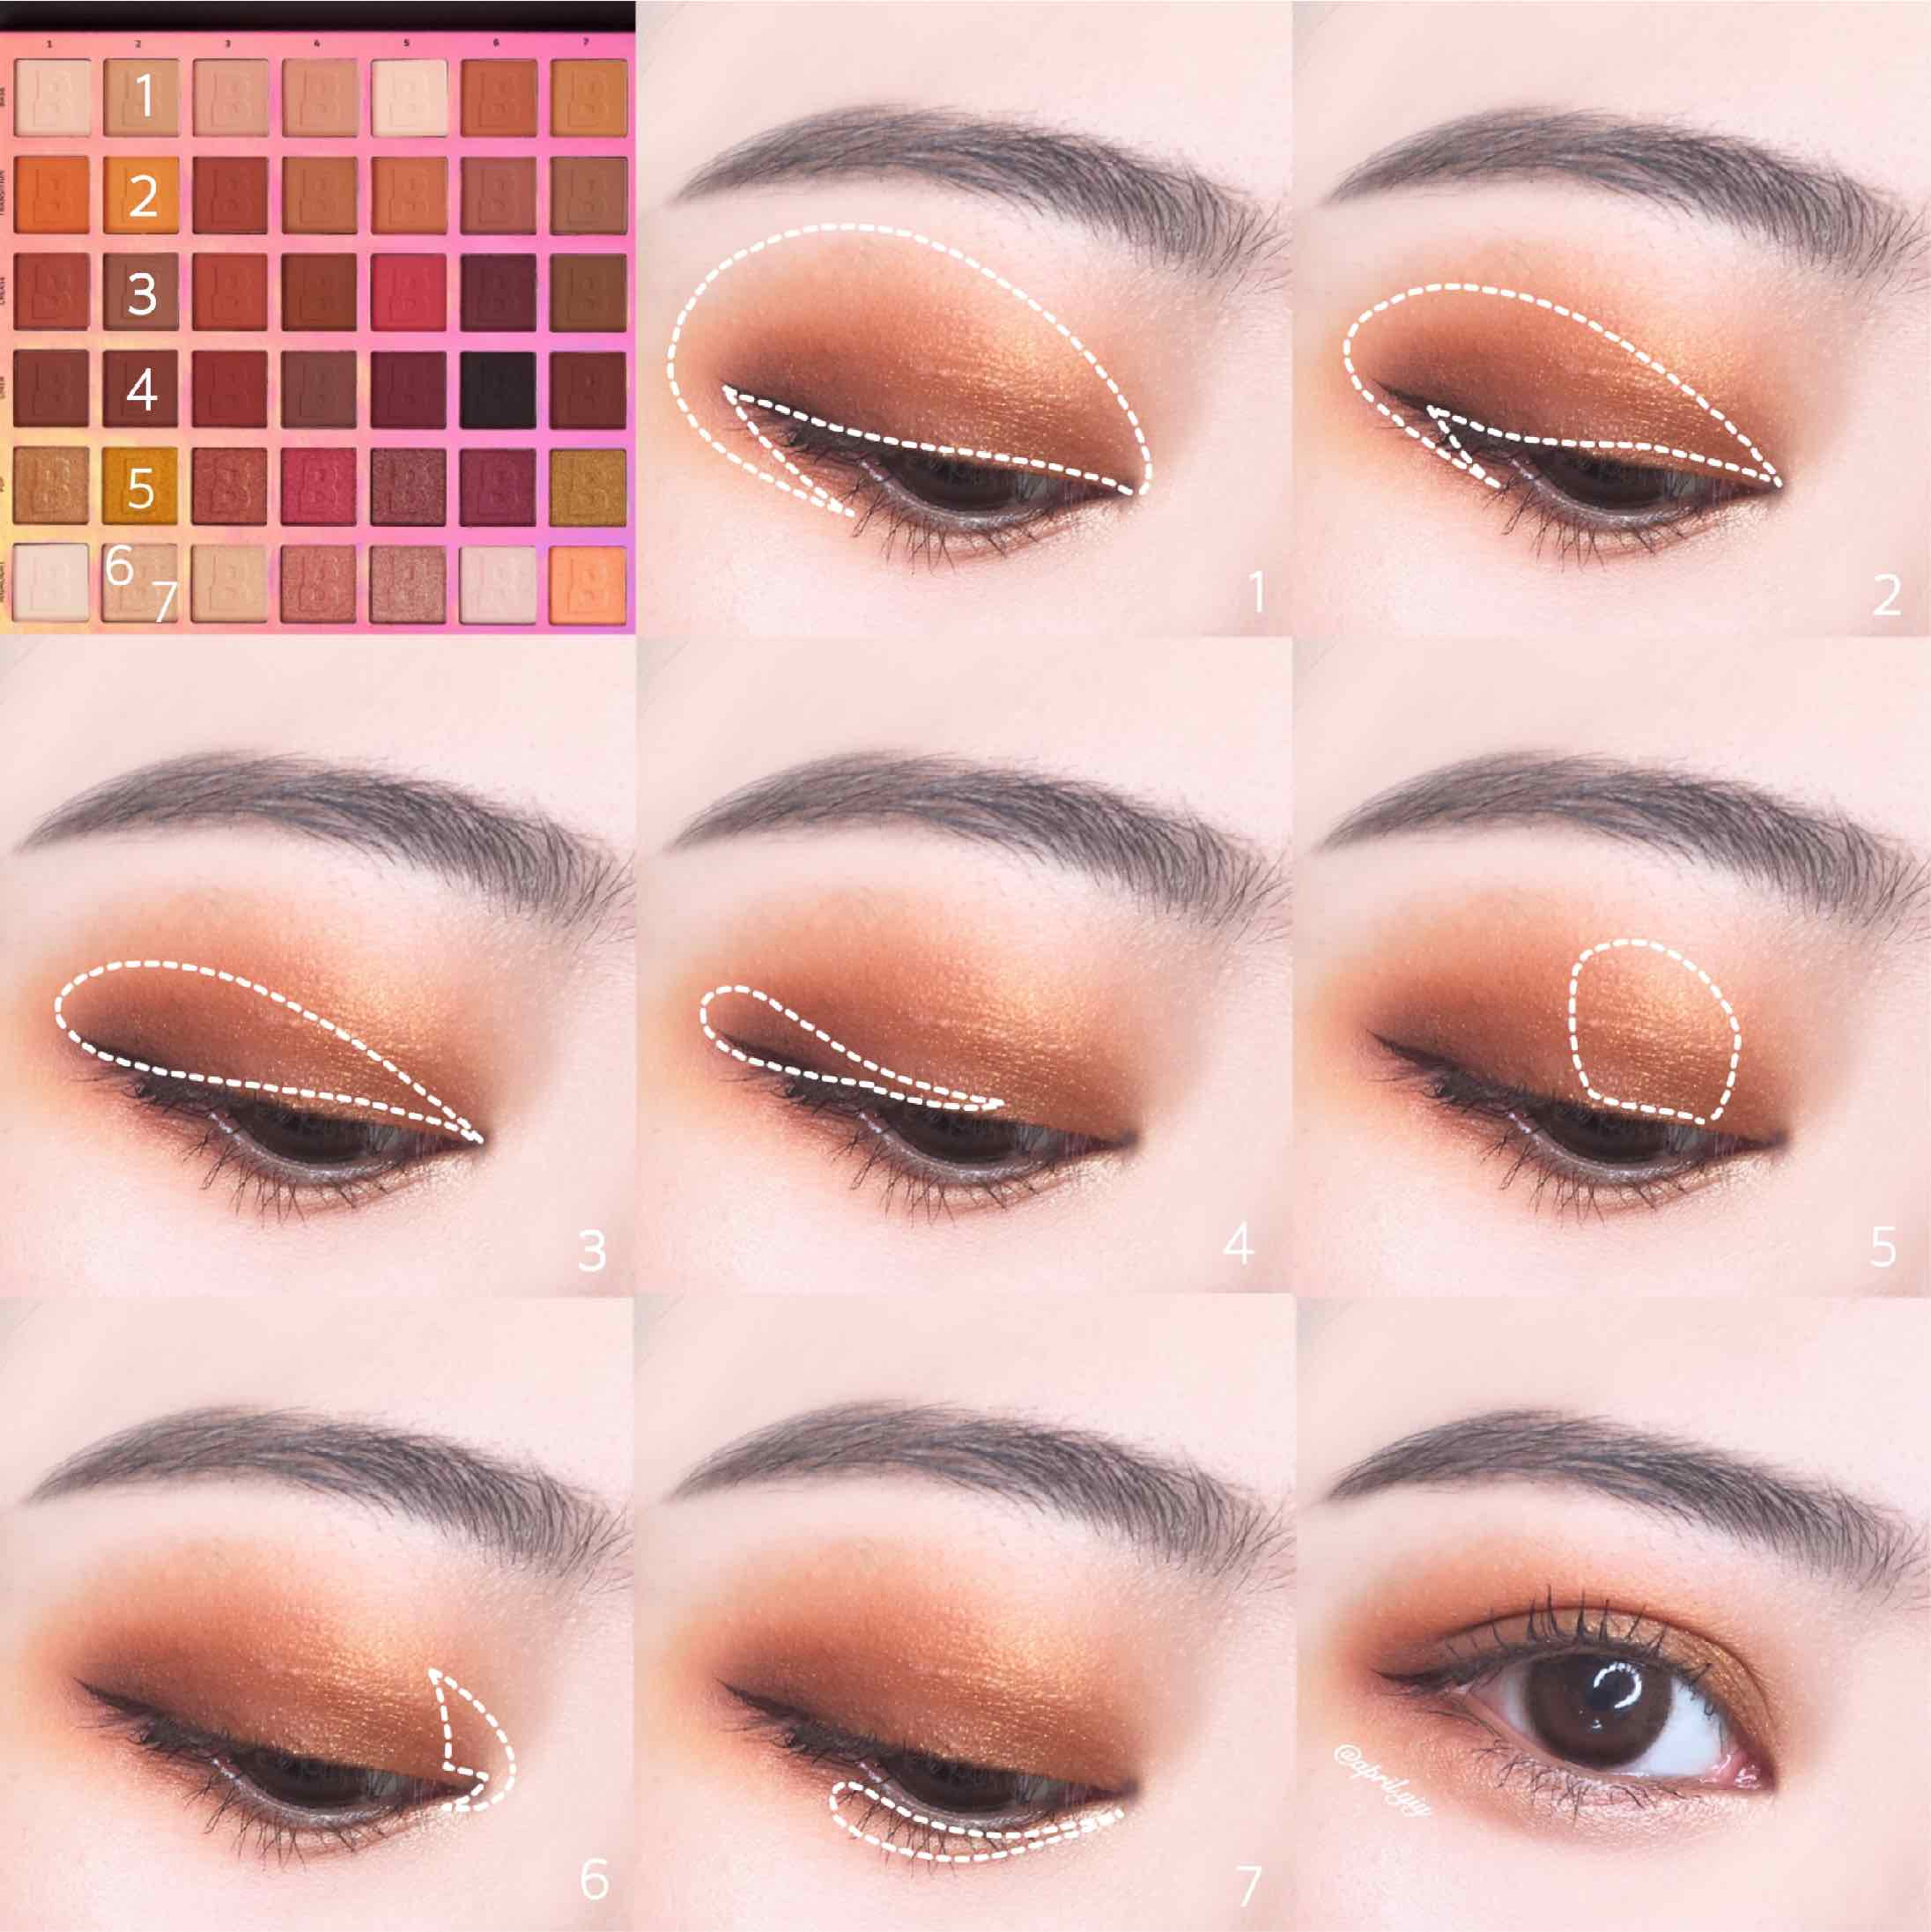 眼妝需要的彩妝商品有眼影及眼線 1. 使用淺膚色稍作眼皮打底,均勻眼皮膚色讓之後的眼影更加顯色 2. 使用橘色作為眼窩底色 3. 使用淺咖啡色上在眼皮折線處以下的範圍 4. 使用深咖色加深眼尾及睫毛根部讓眼睛更加有神 5. 使用淺金色上在眼皮中央,增加眼妝立體感 6. 使用膚金色打亮眼頭 7. 用同6的膚金色上在眼下臥蟬處 最後上個基本的眼線就完成拉!